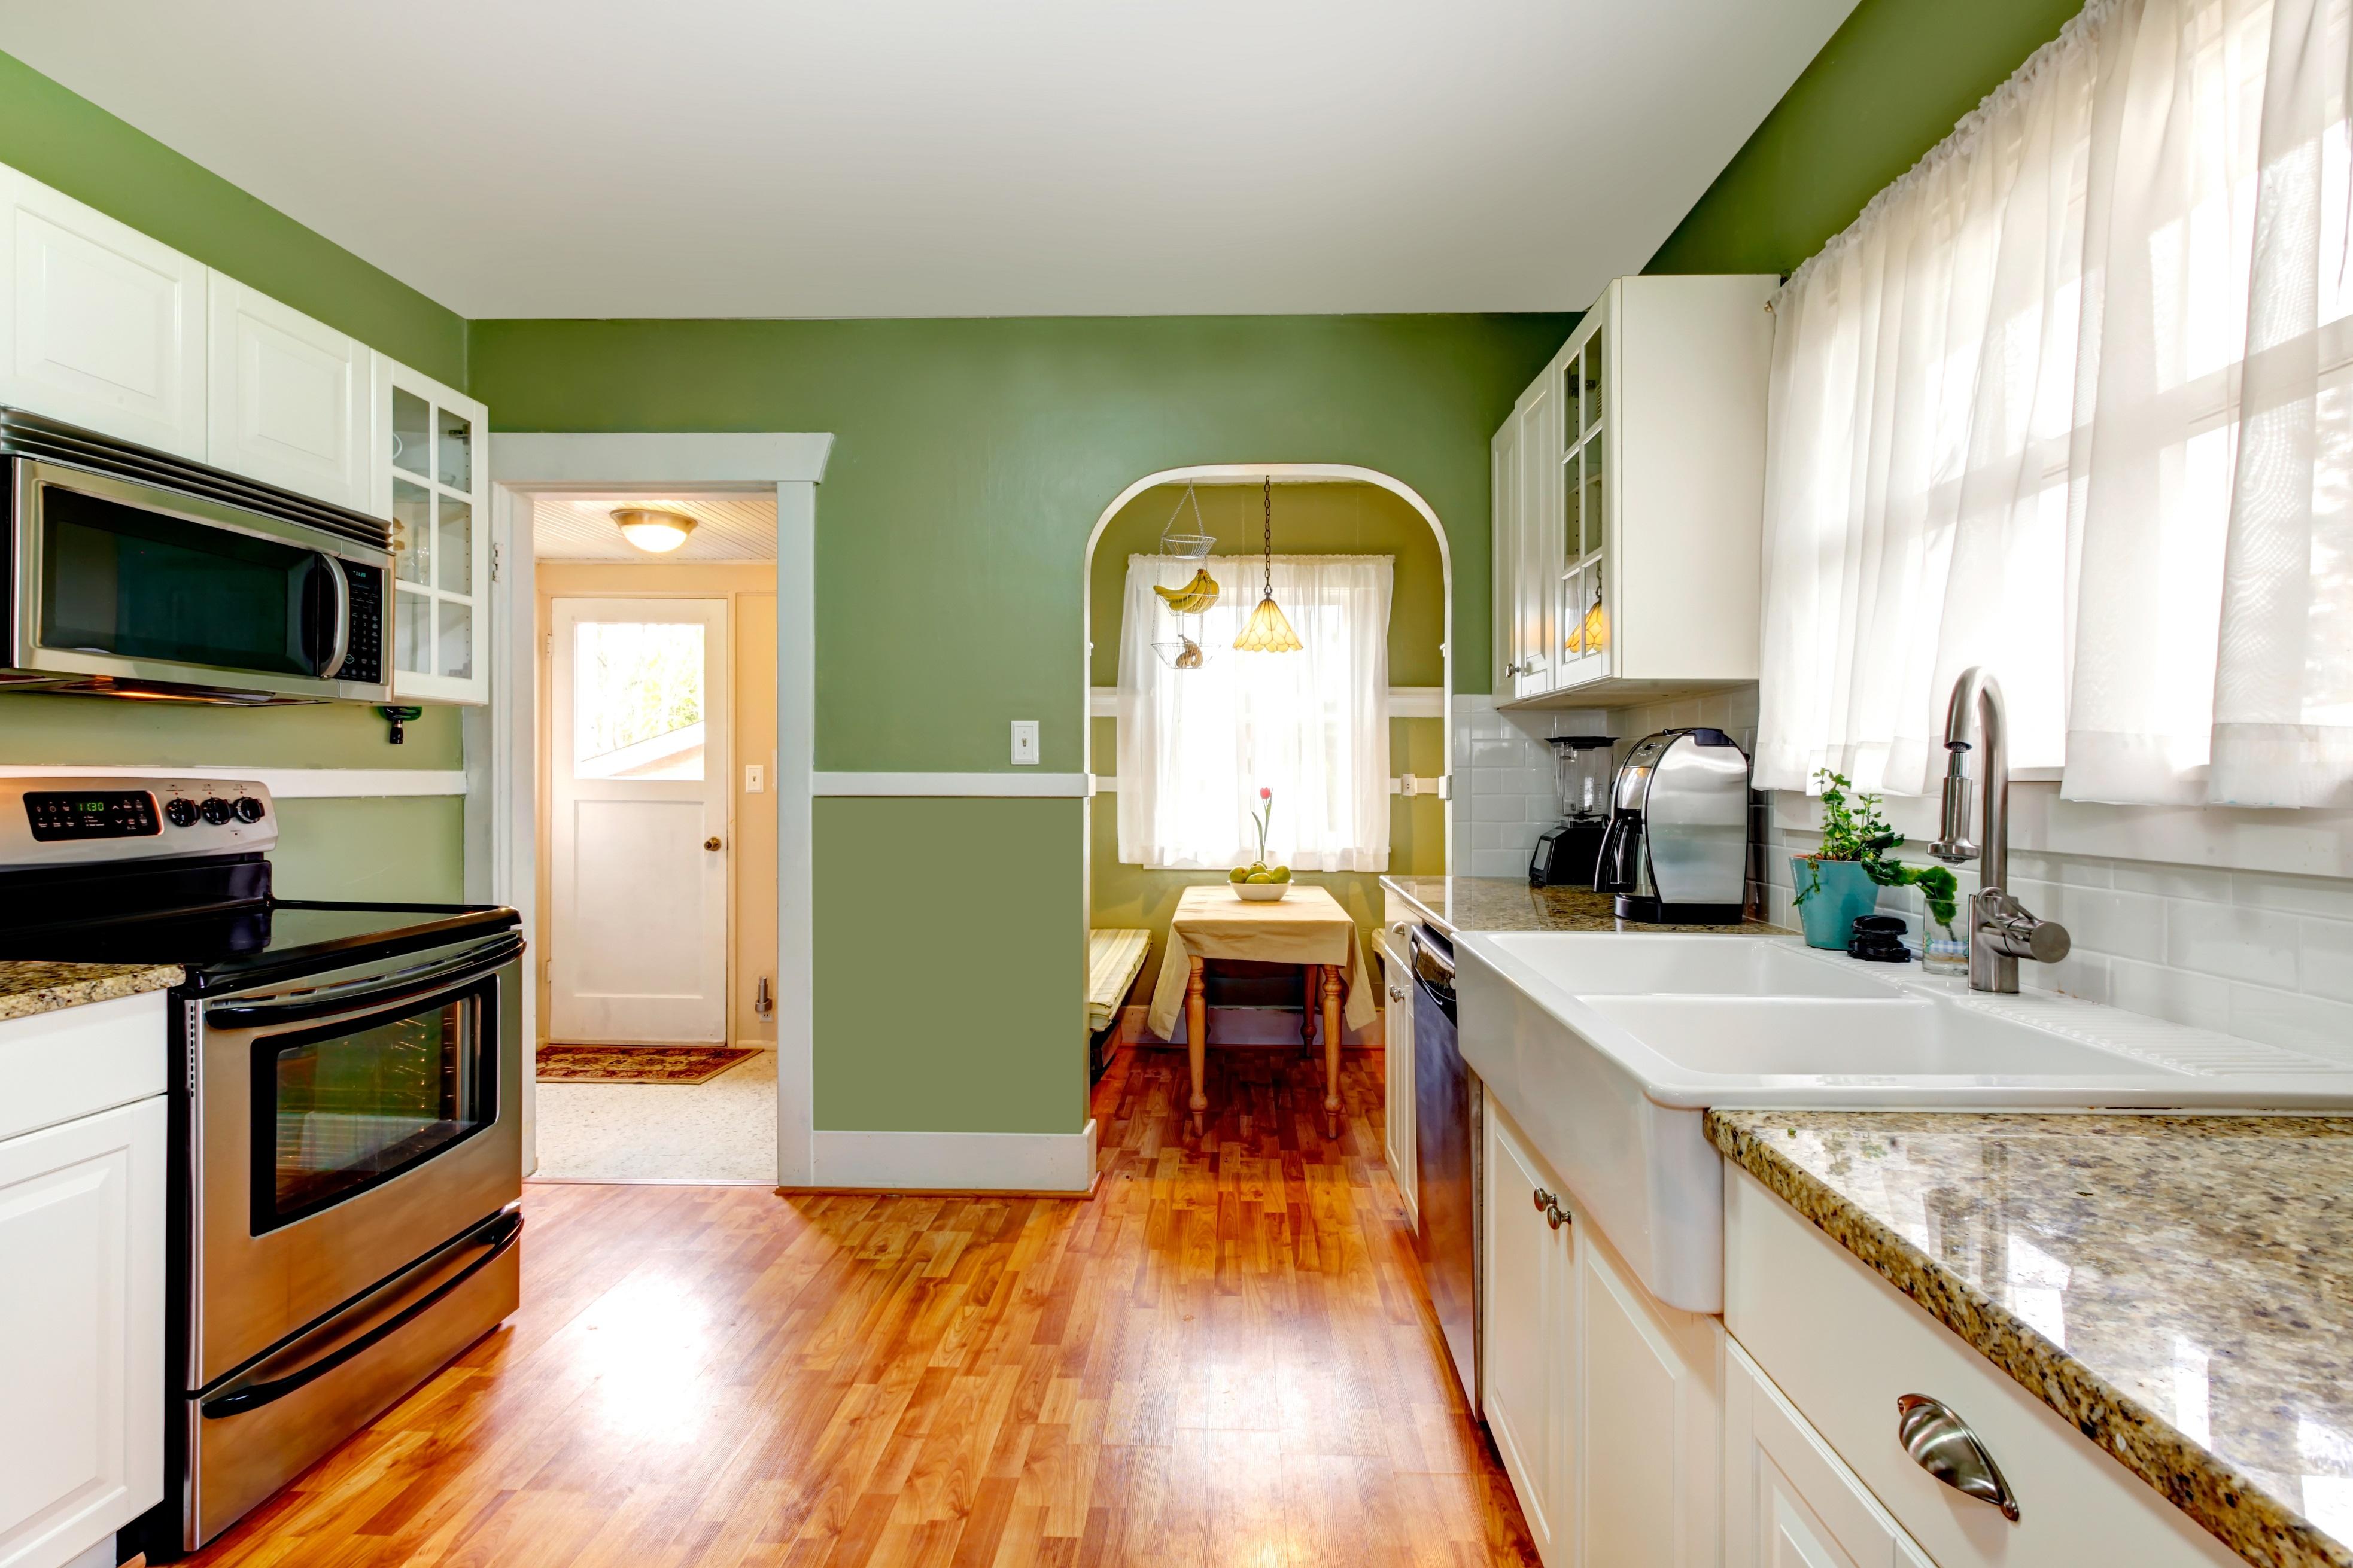 Theresa DeCristoforo of United Real Estate San Diego image 4